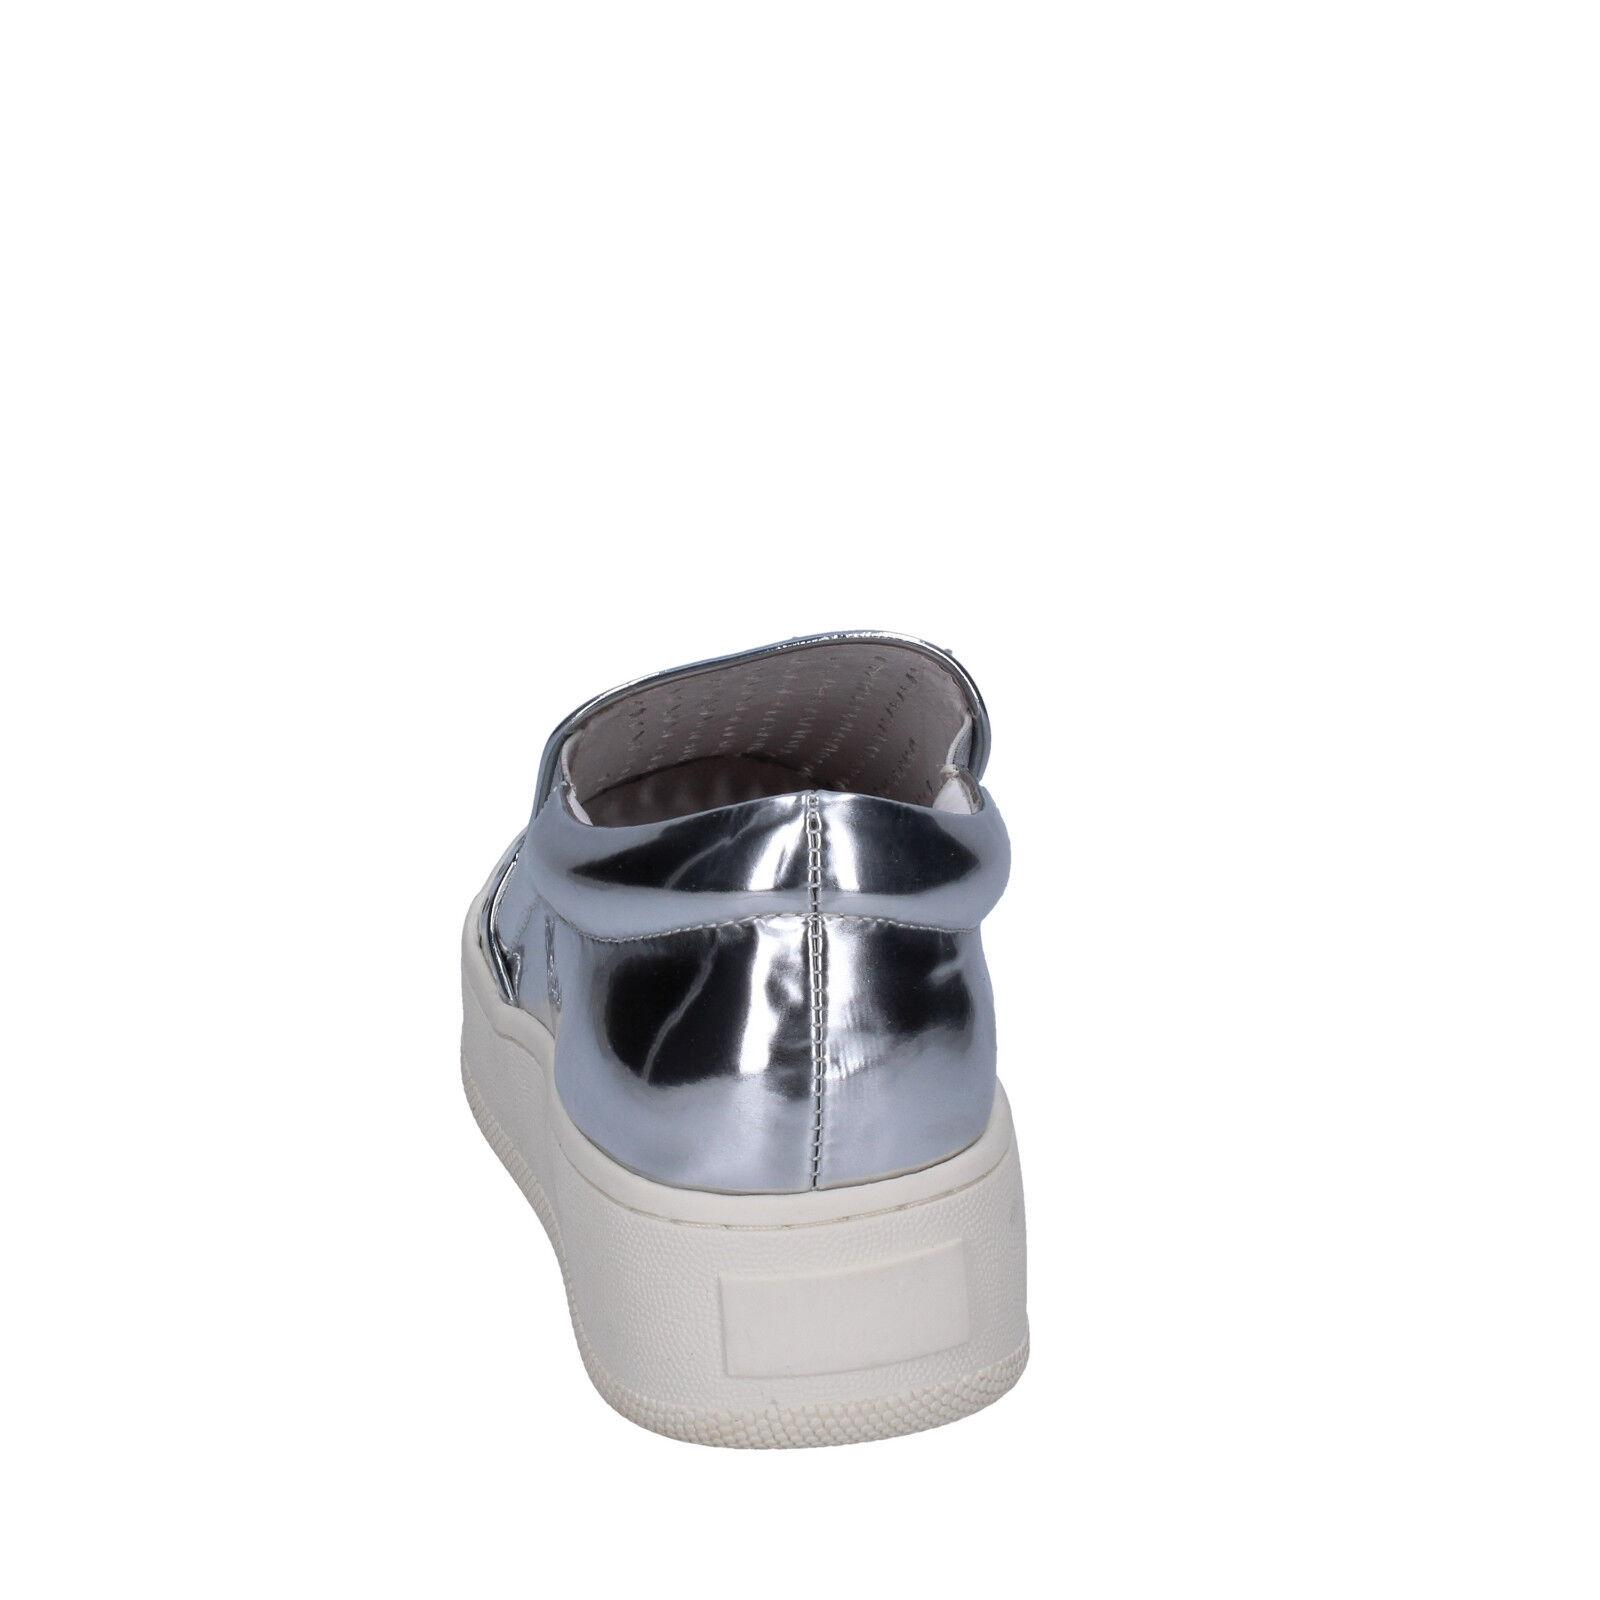 Damens's schuhe UMA PARKER 11 on (EU 41) slip on 11 silver Leder BT564-41 693e4a